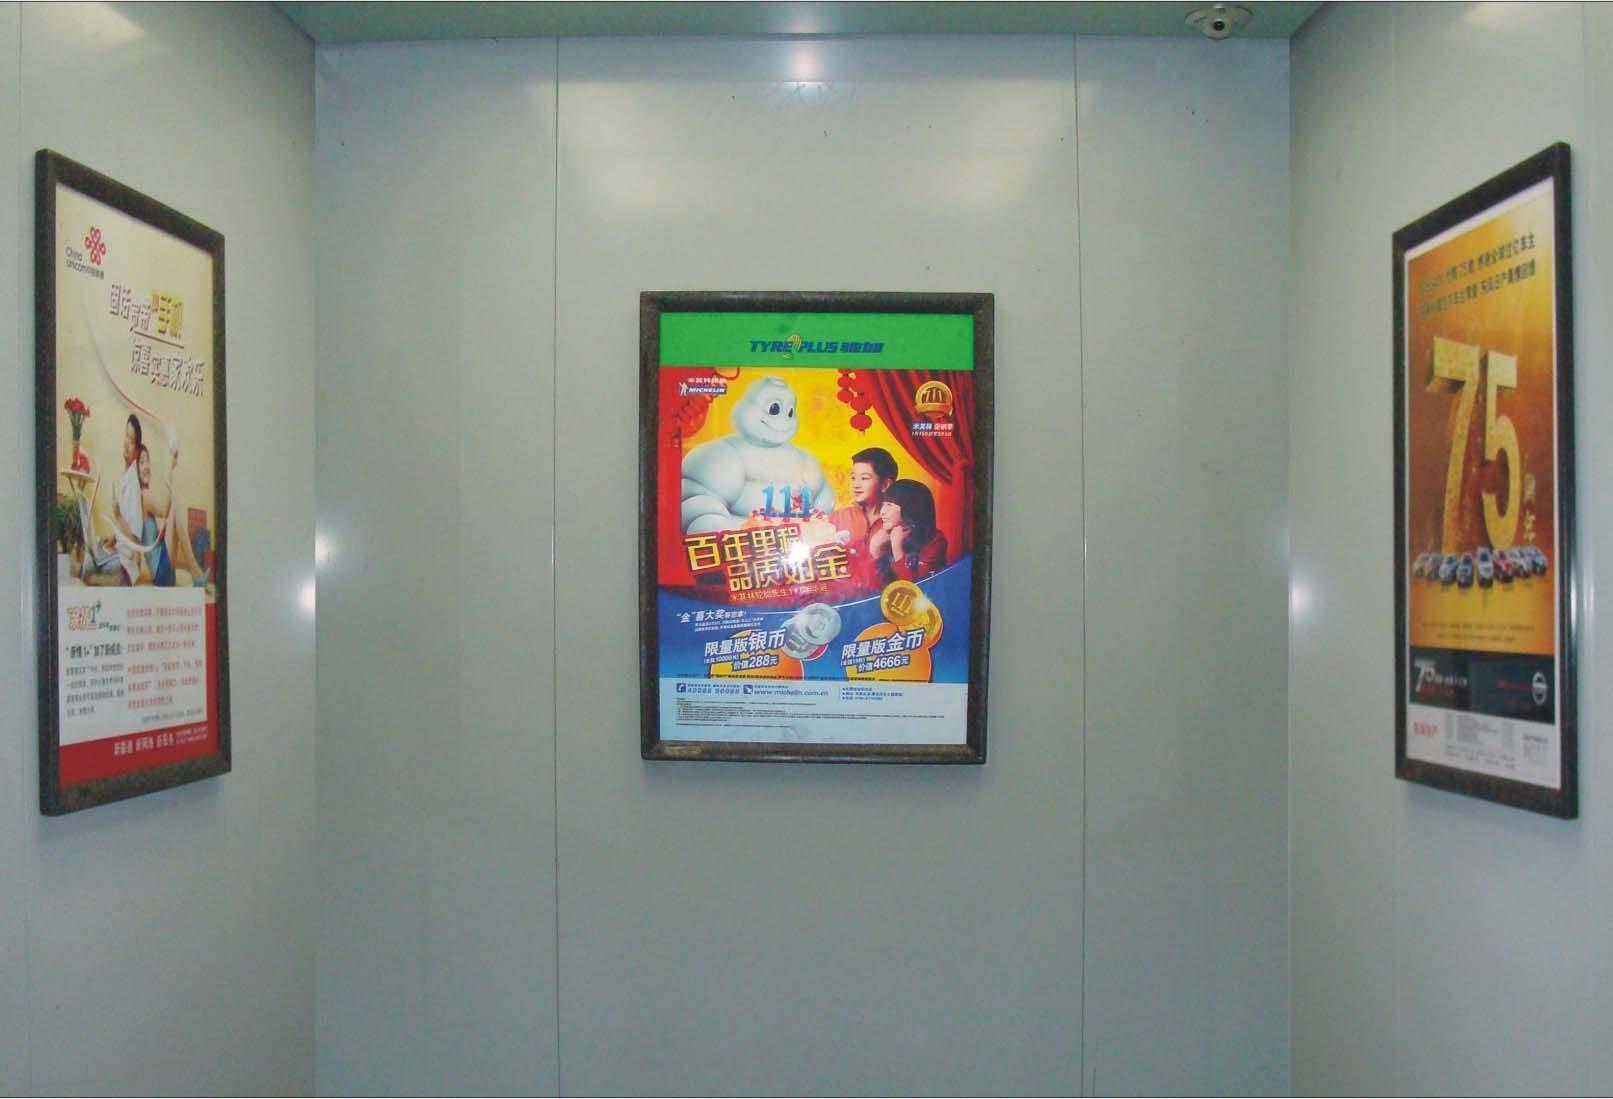 佛山市南海区丹灶碧桂园电梯轿厢广告框架